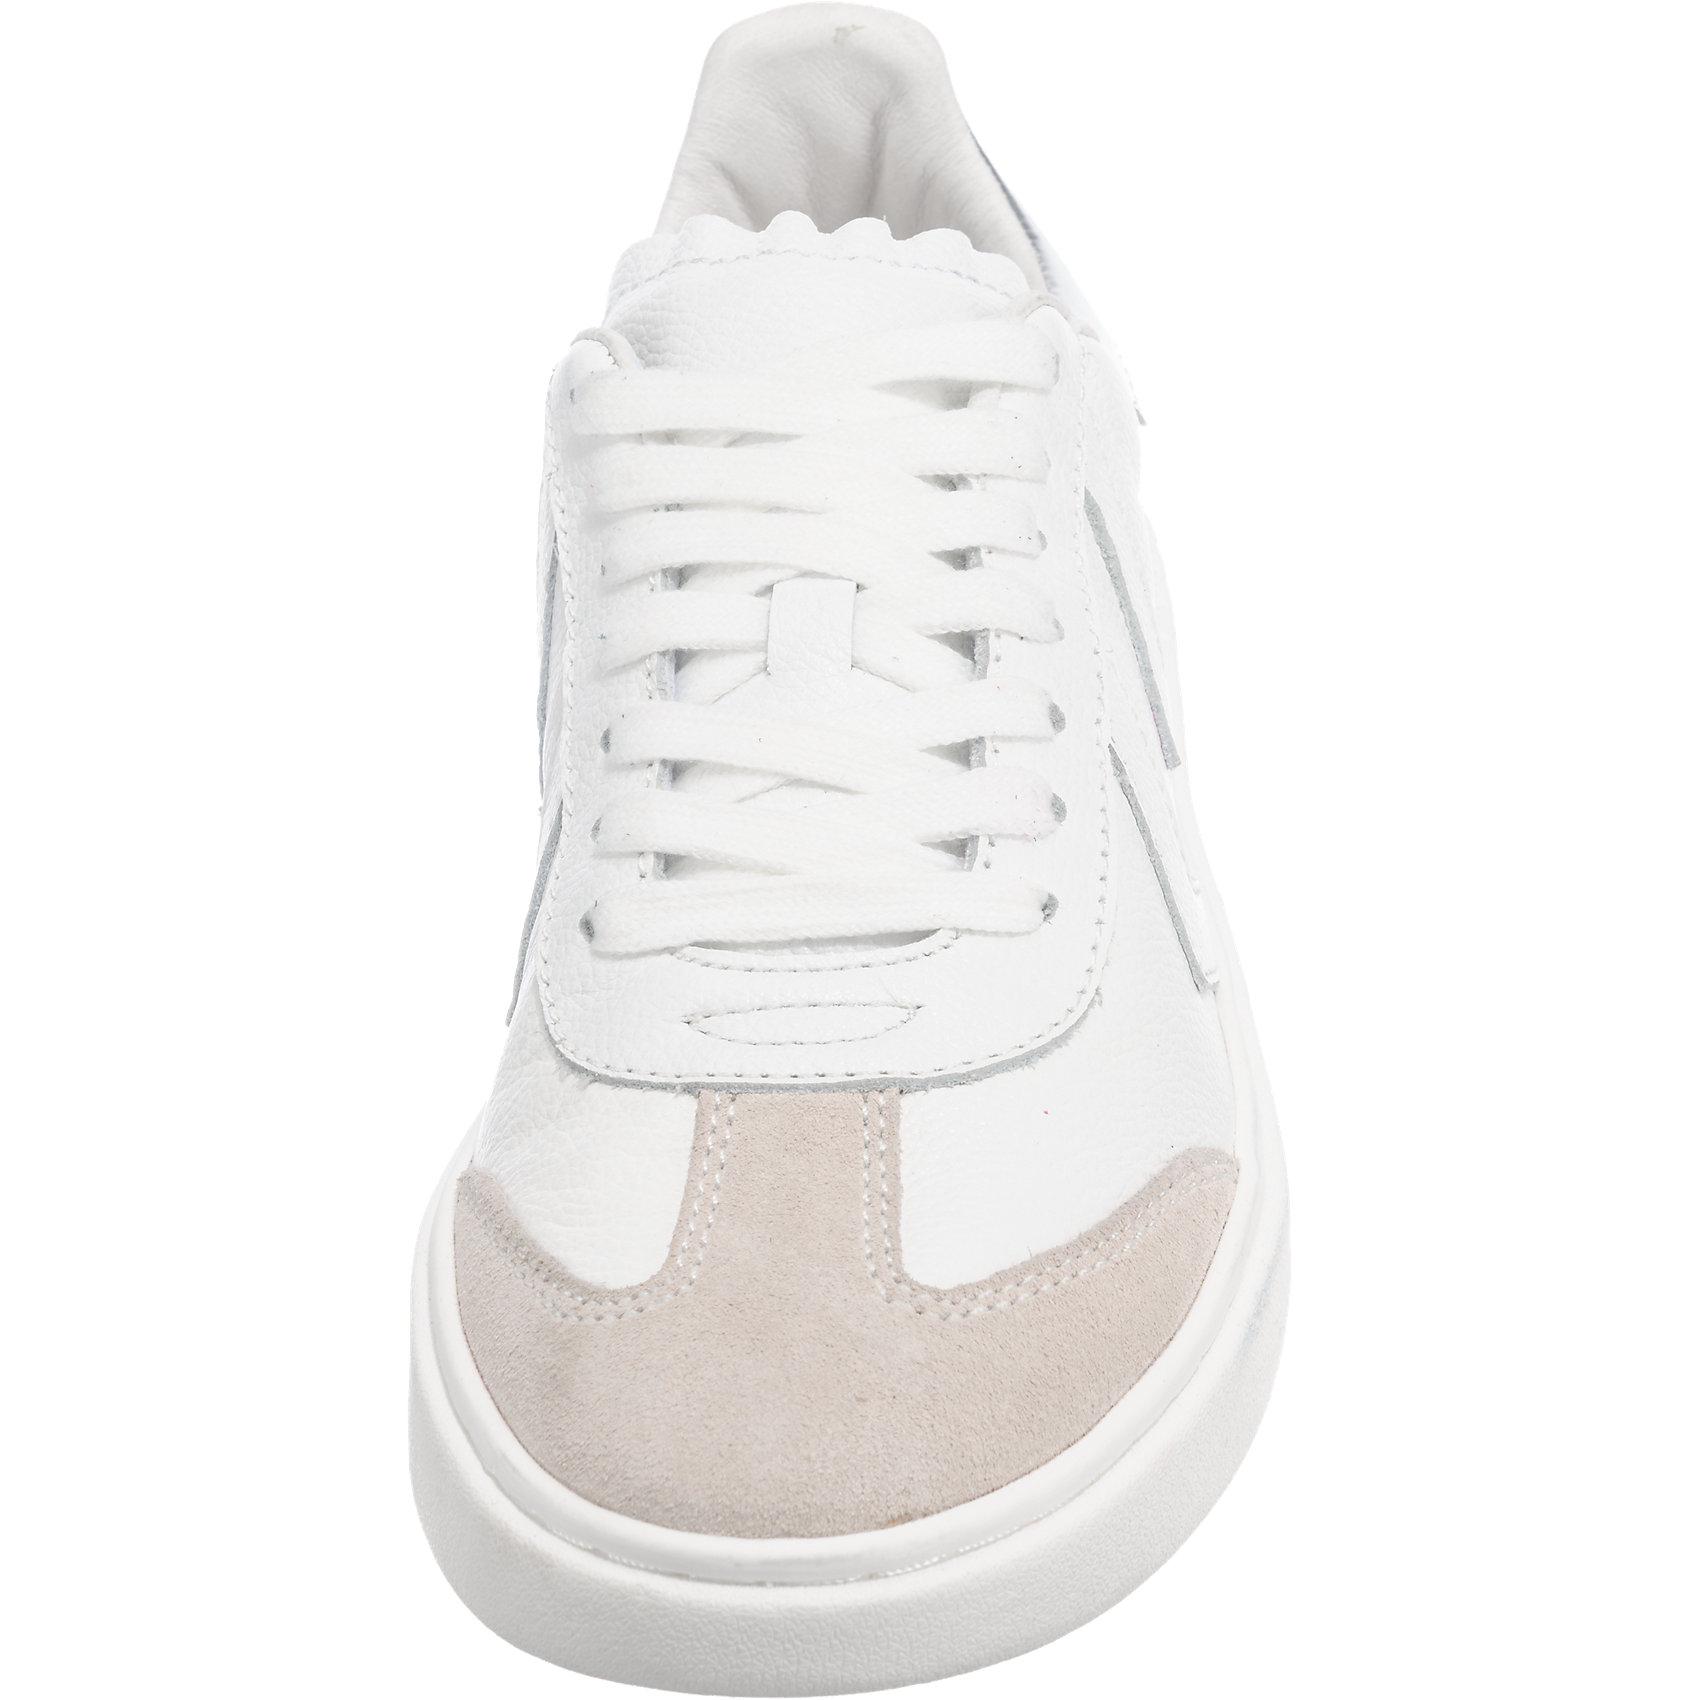 Neu hummel Damen Aarhus Classic Sneakers 5778924 für Damen hummel weiß Modell 1 b9e96e